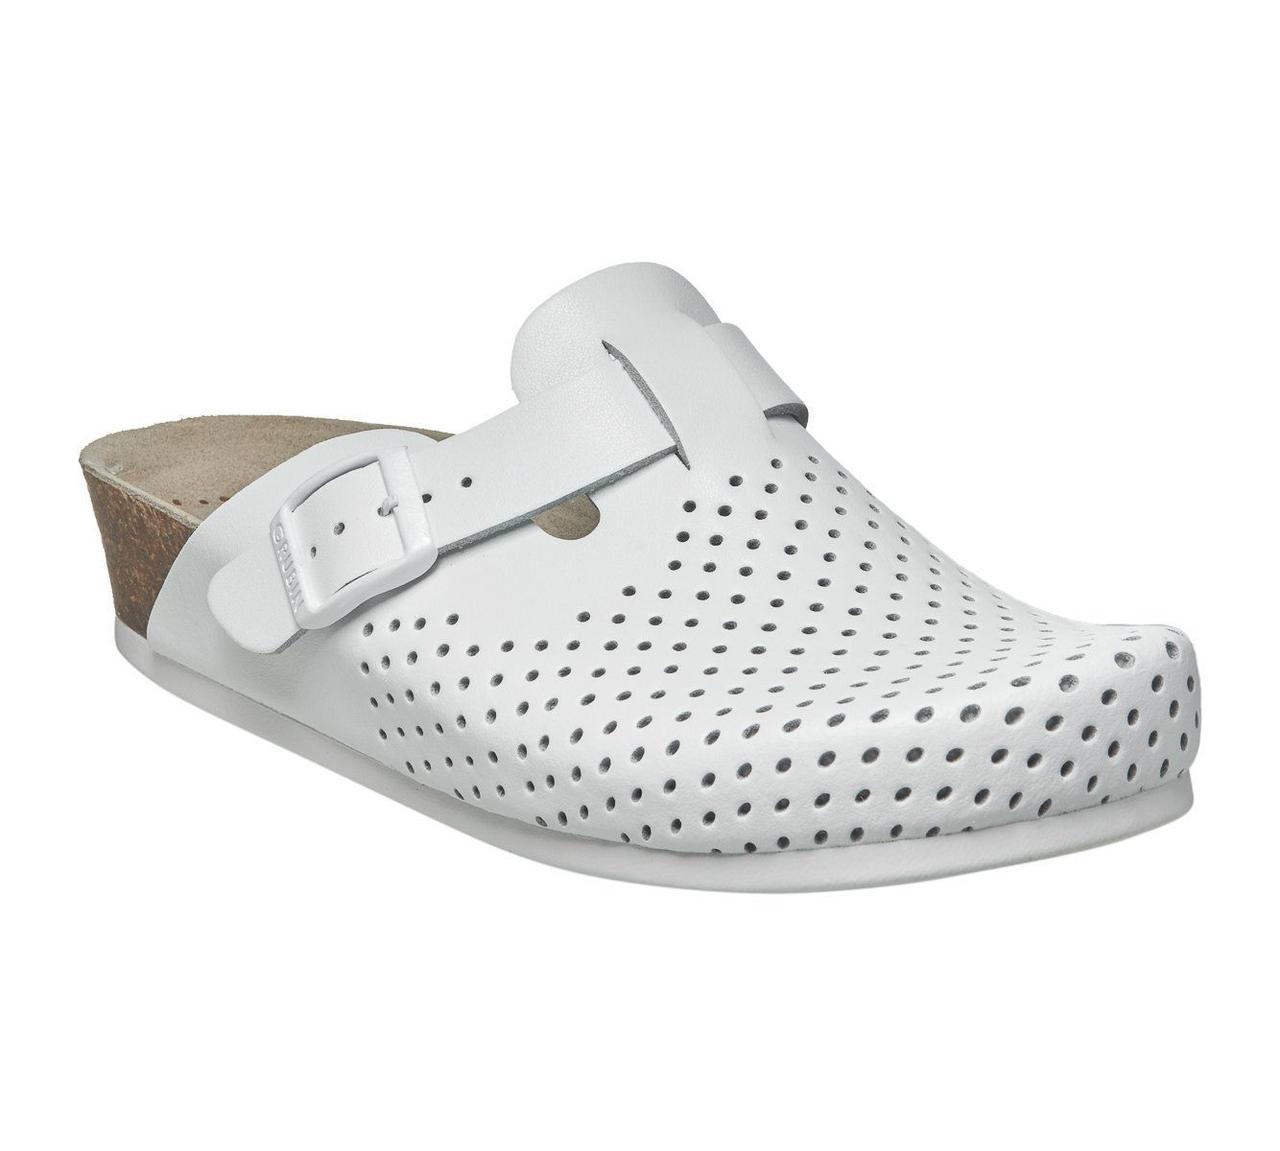 Сабо ортопедические женские Stil, цвет белый, размер 36